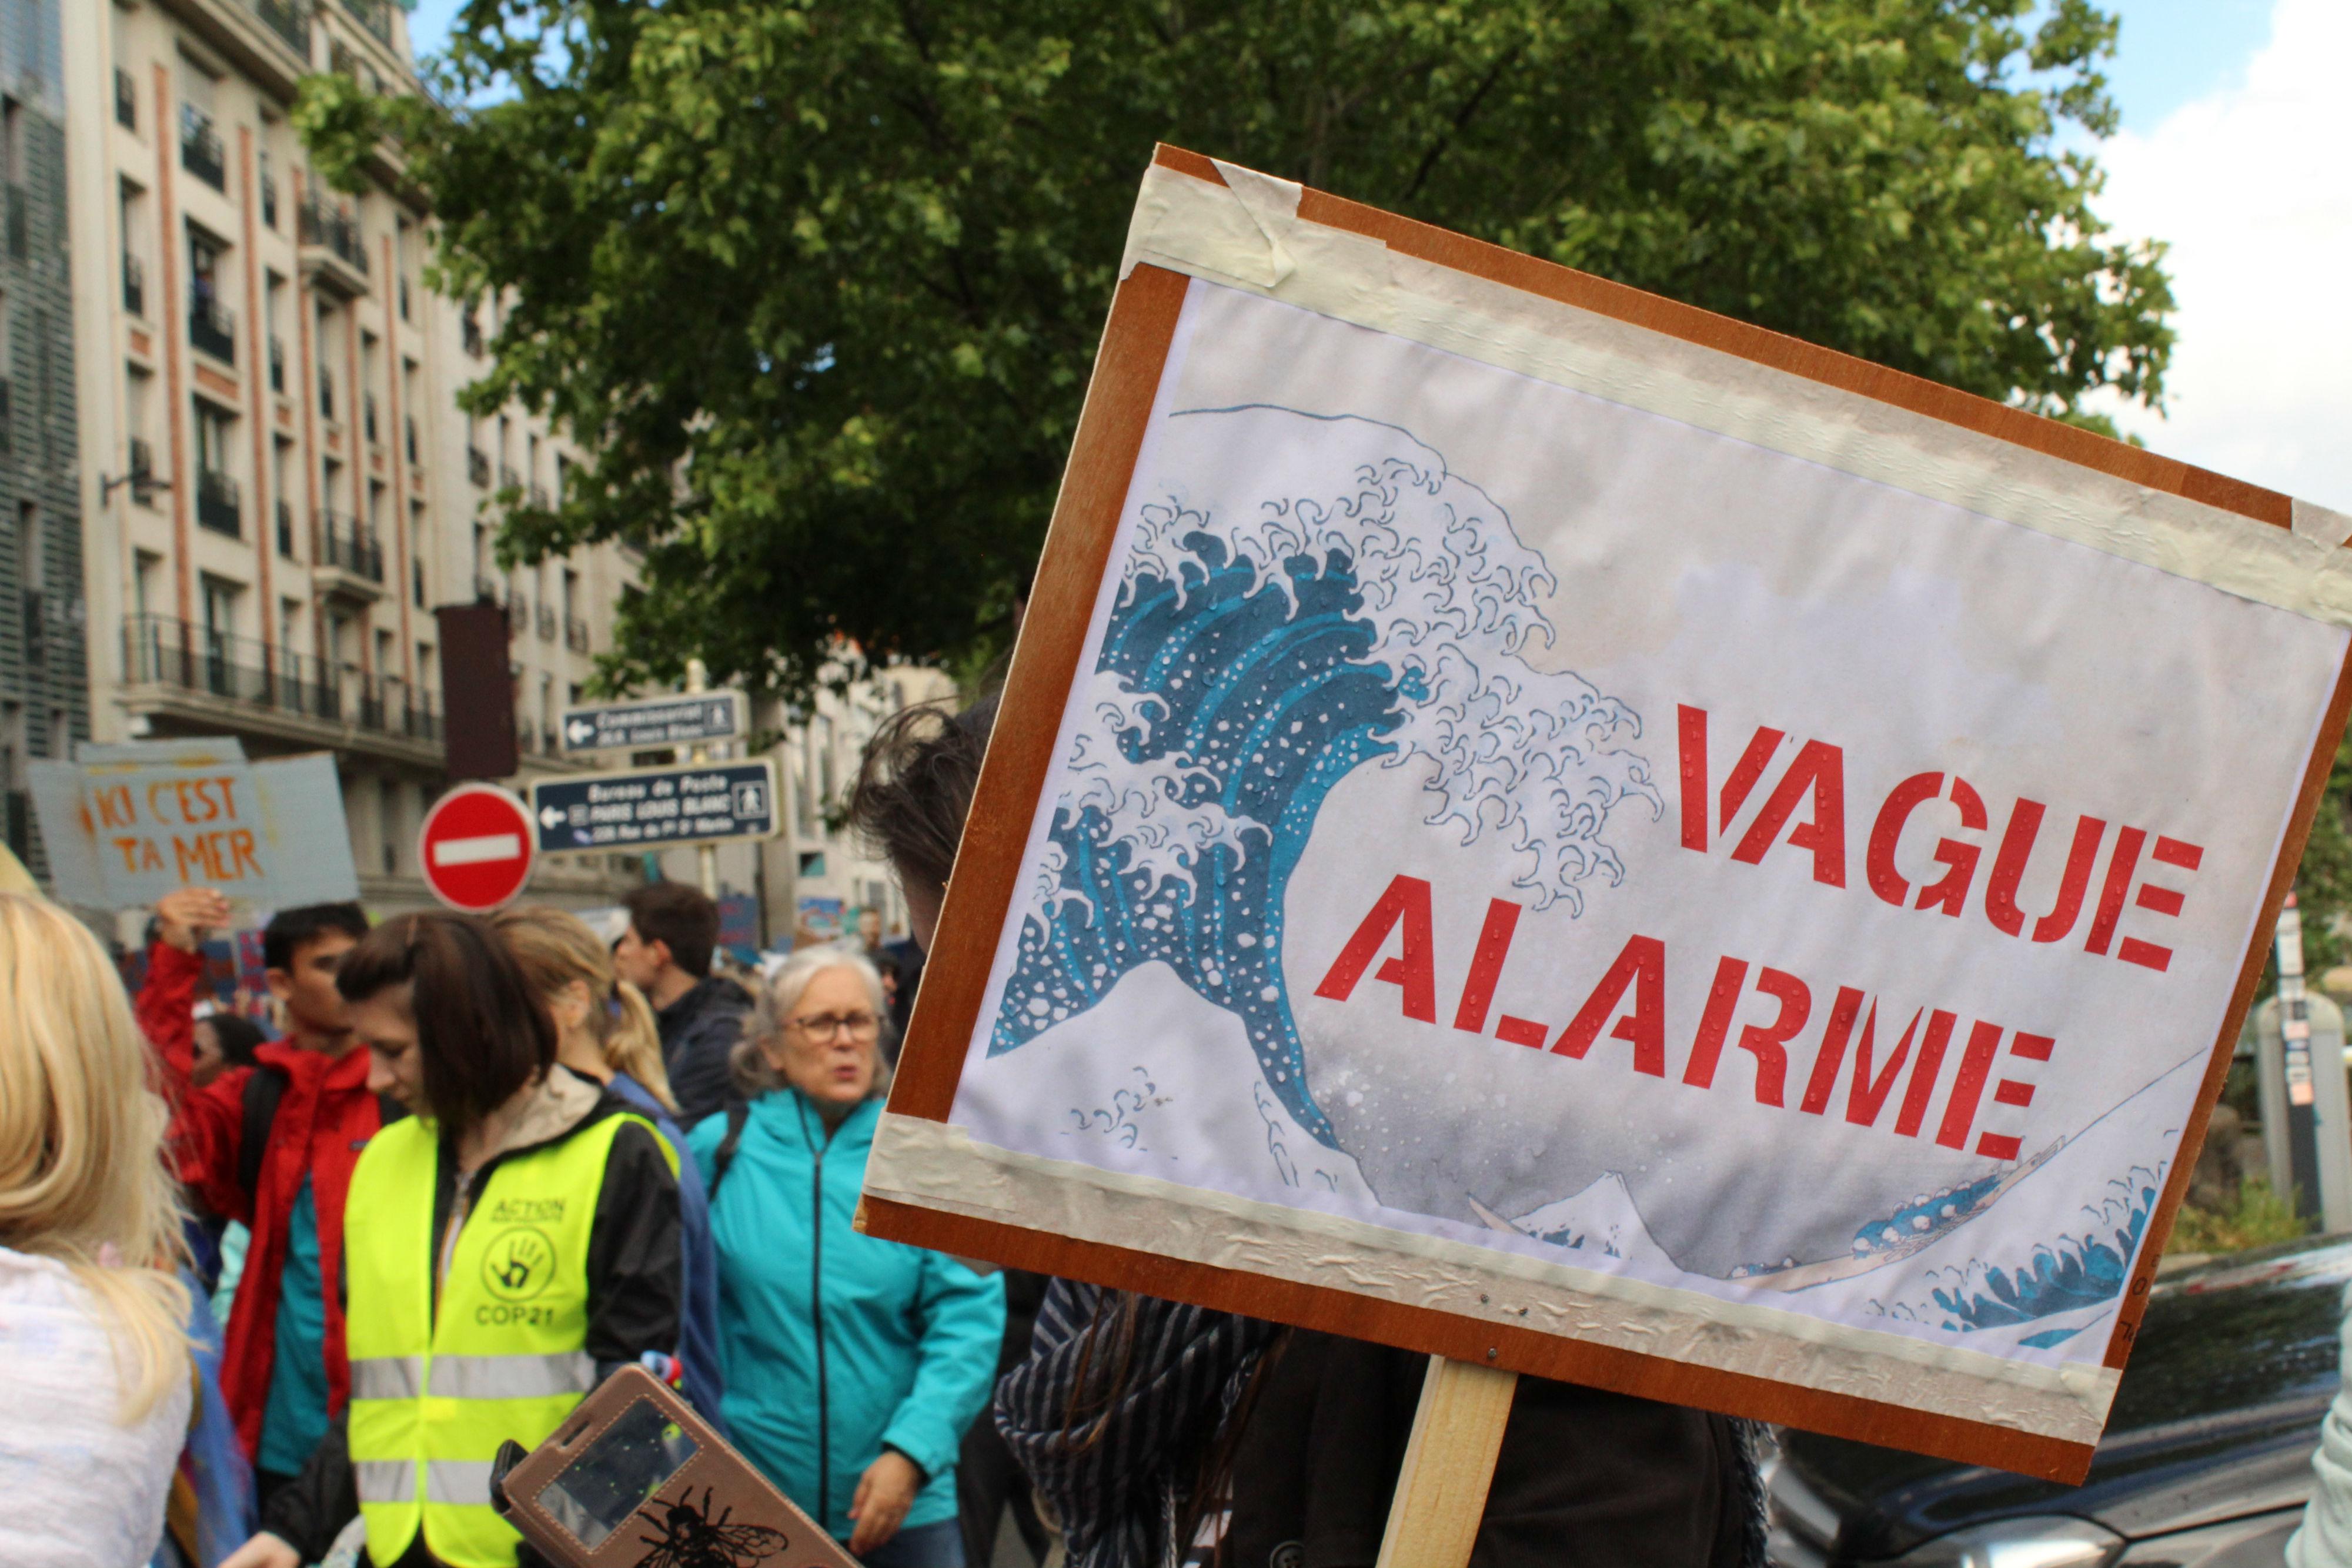 Vague alarme, à la Marche pour l'Océan 2019 / ©Cypriane El-Chami